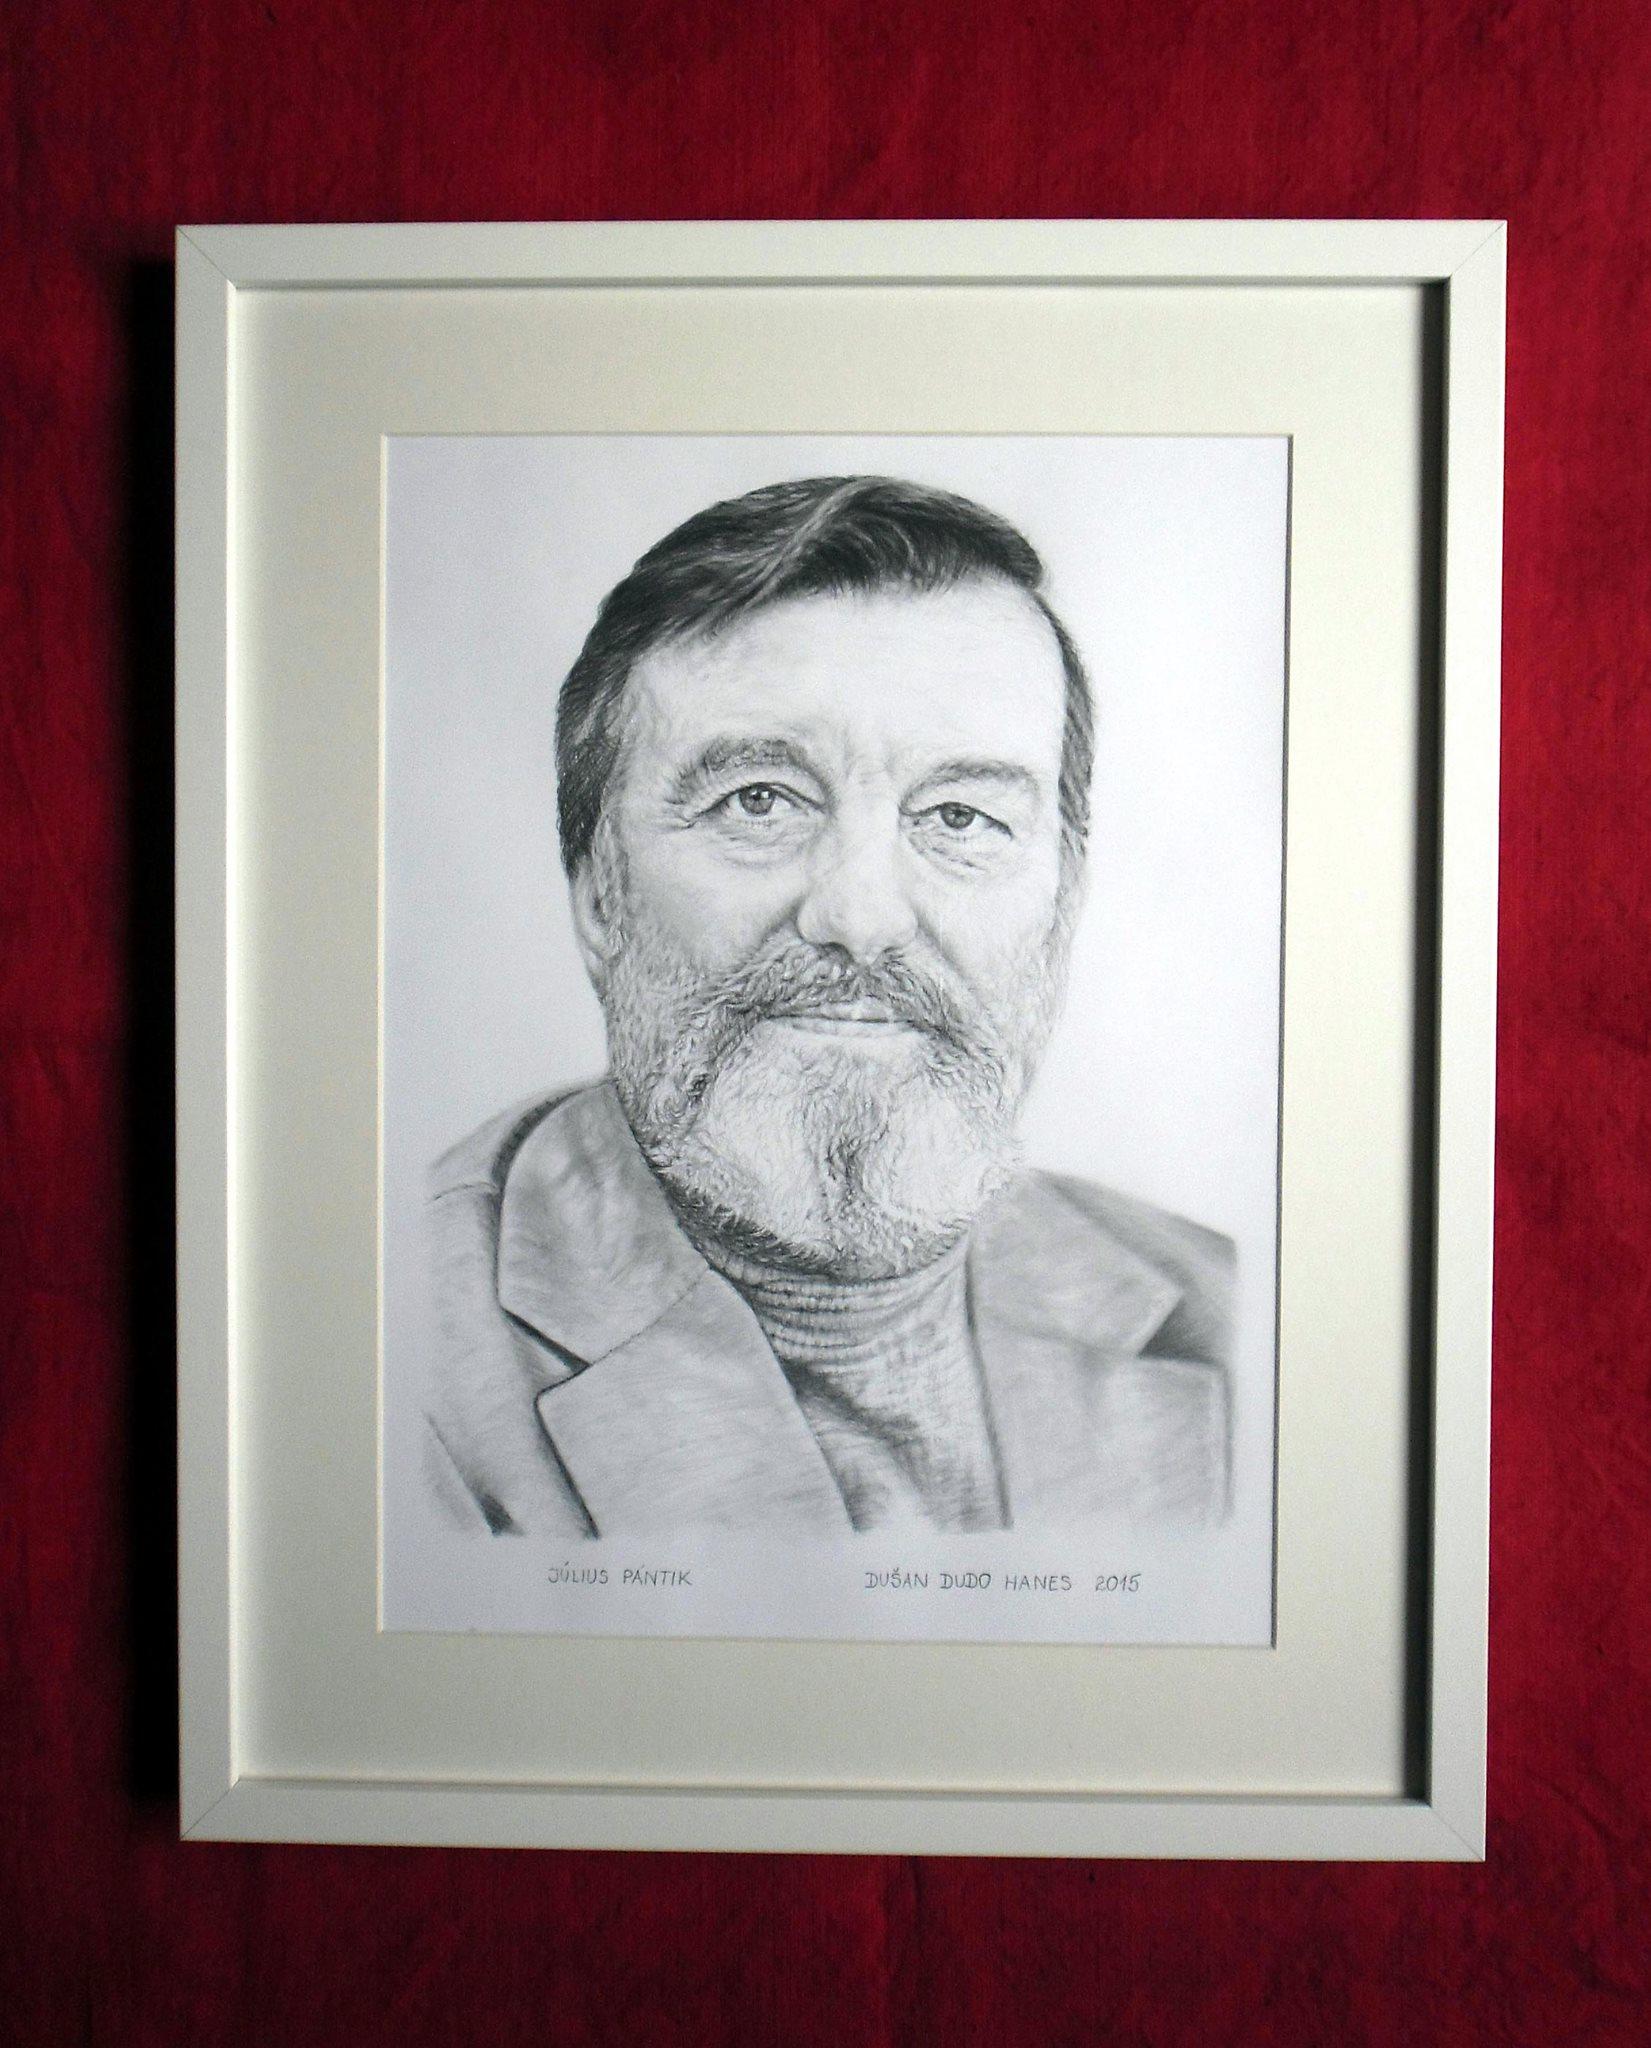 227 - Július Pántik. Portrét v ráme, Dušan Dudo Hanes